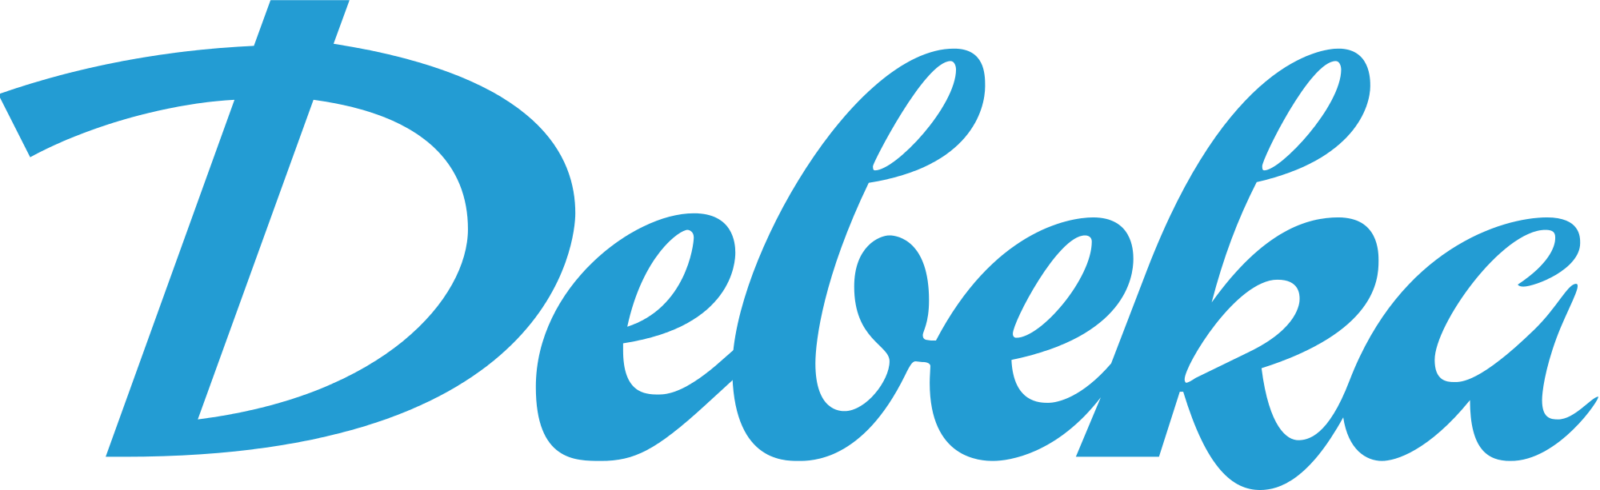 Debeka - Versichern und Bausparen